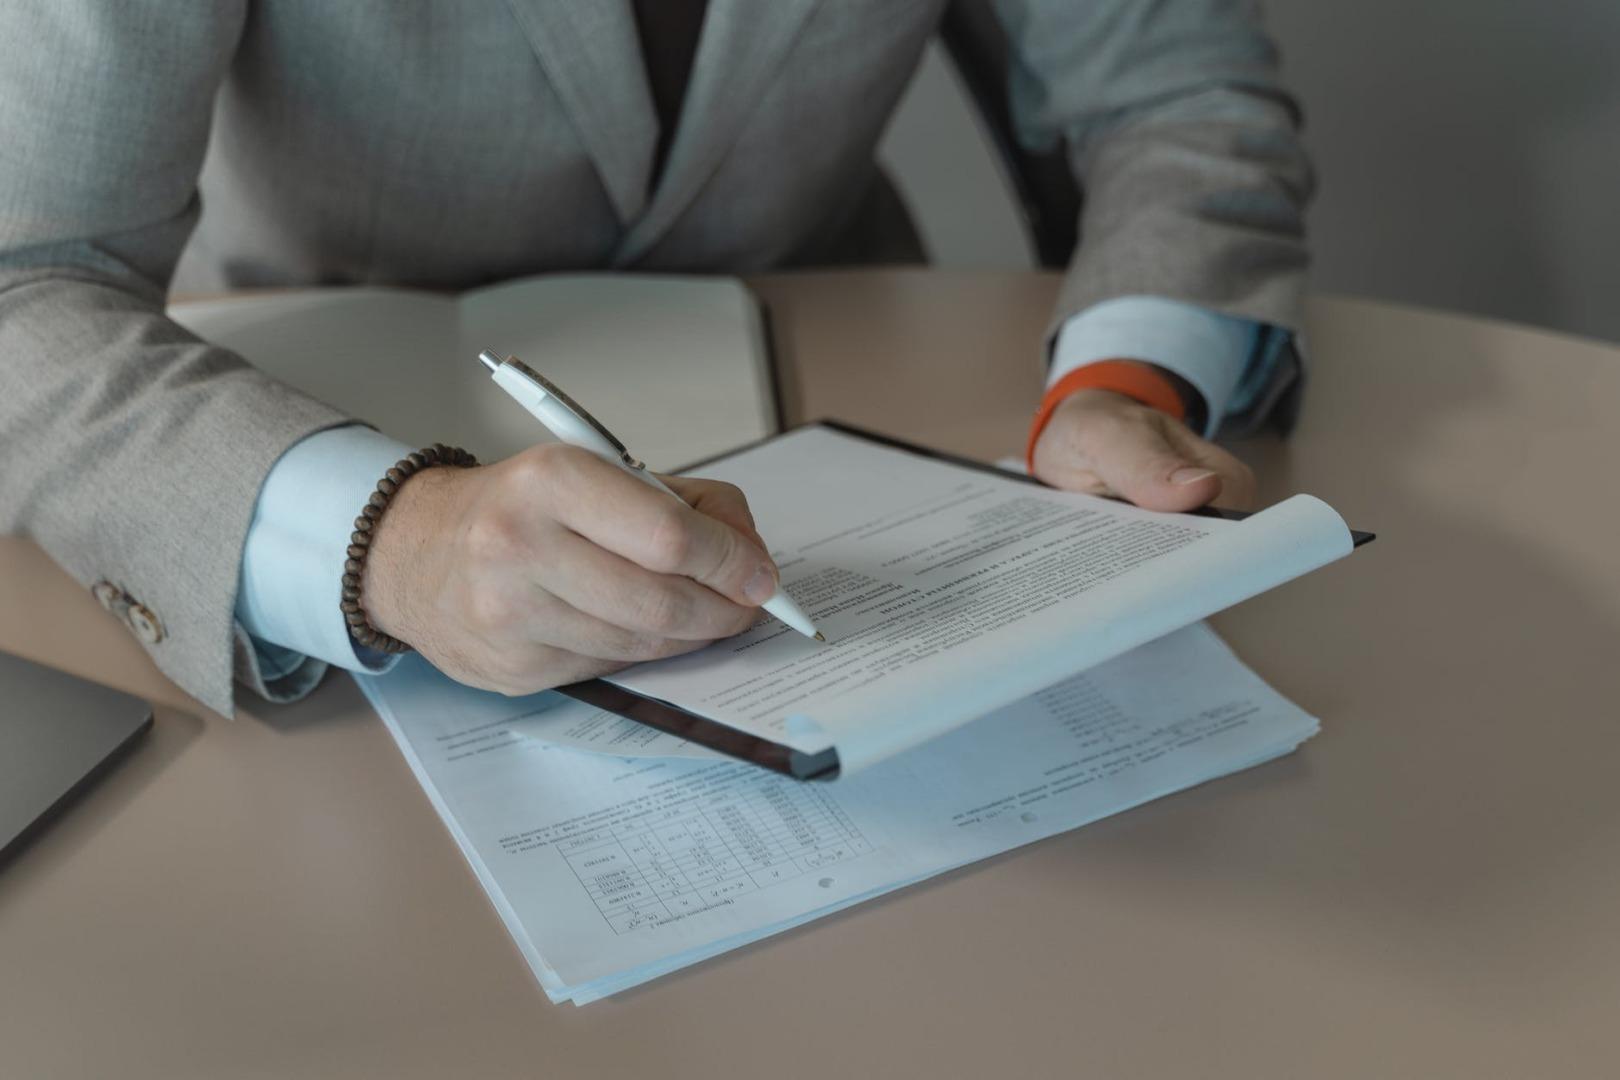 interviu, job, contracte